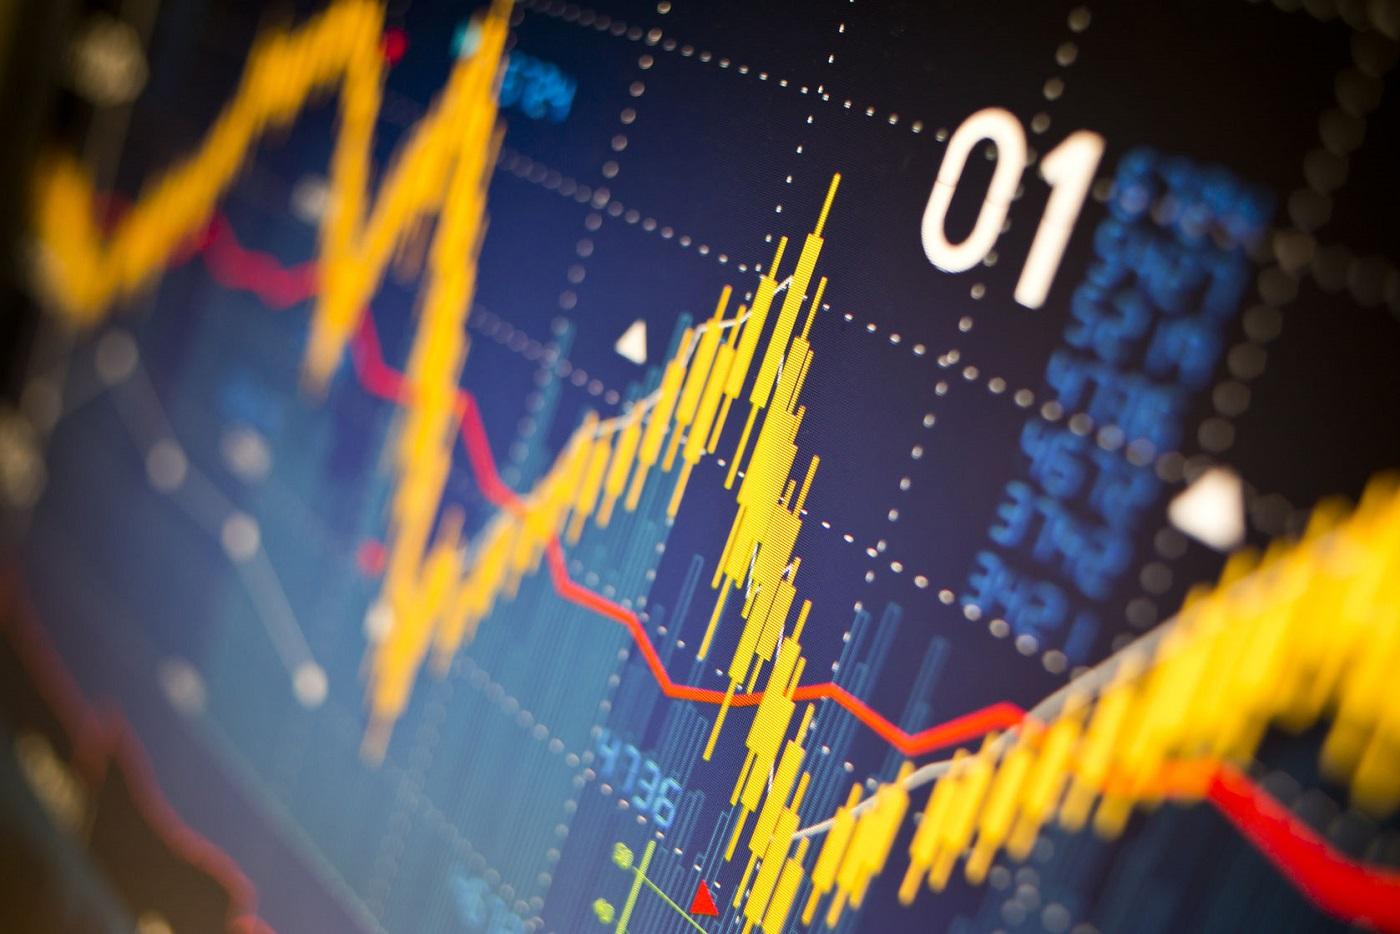 Bolsa de Valores: tudo que sobe, desce (e como ganhar dinheiro com isso)